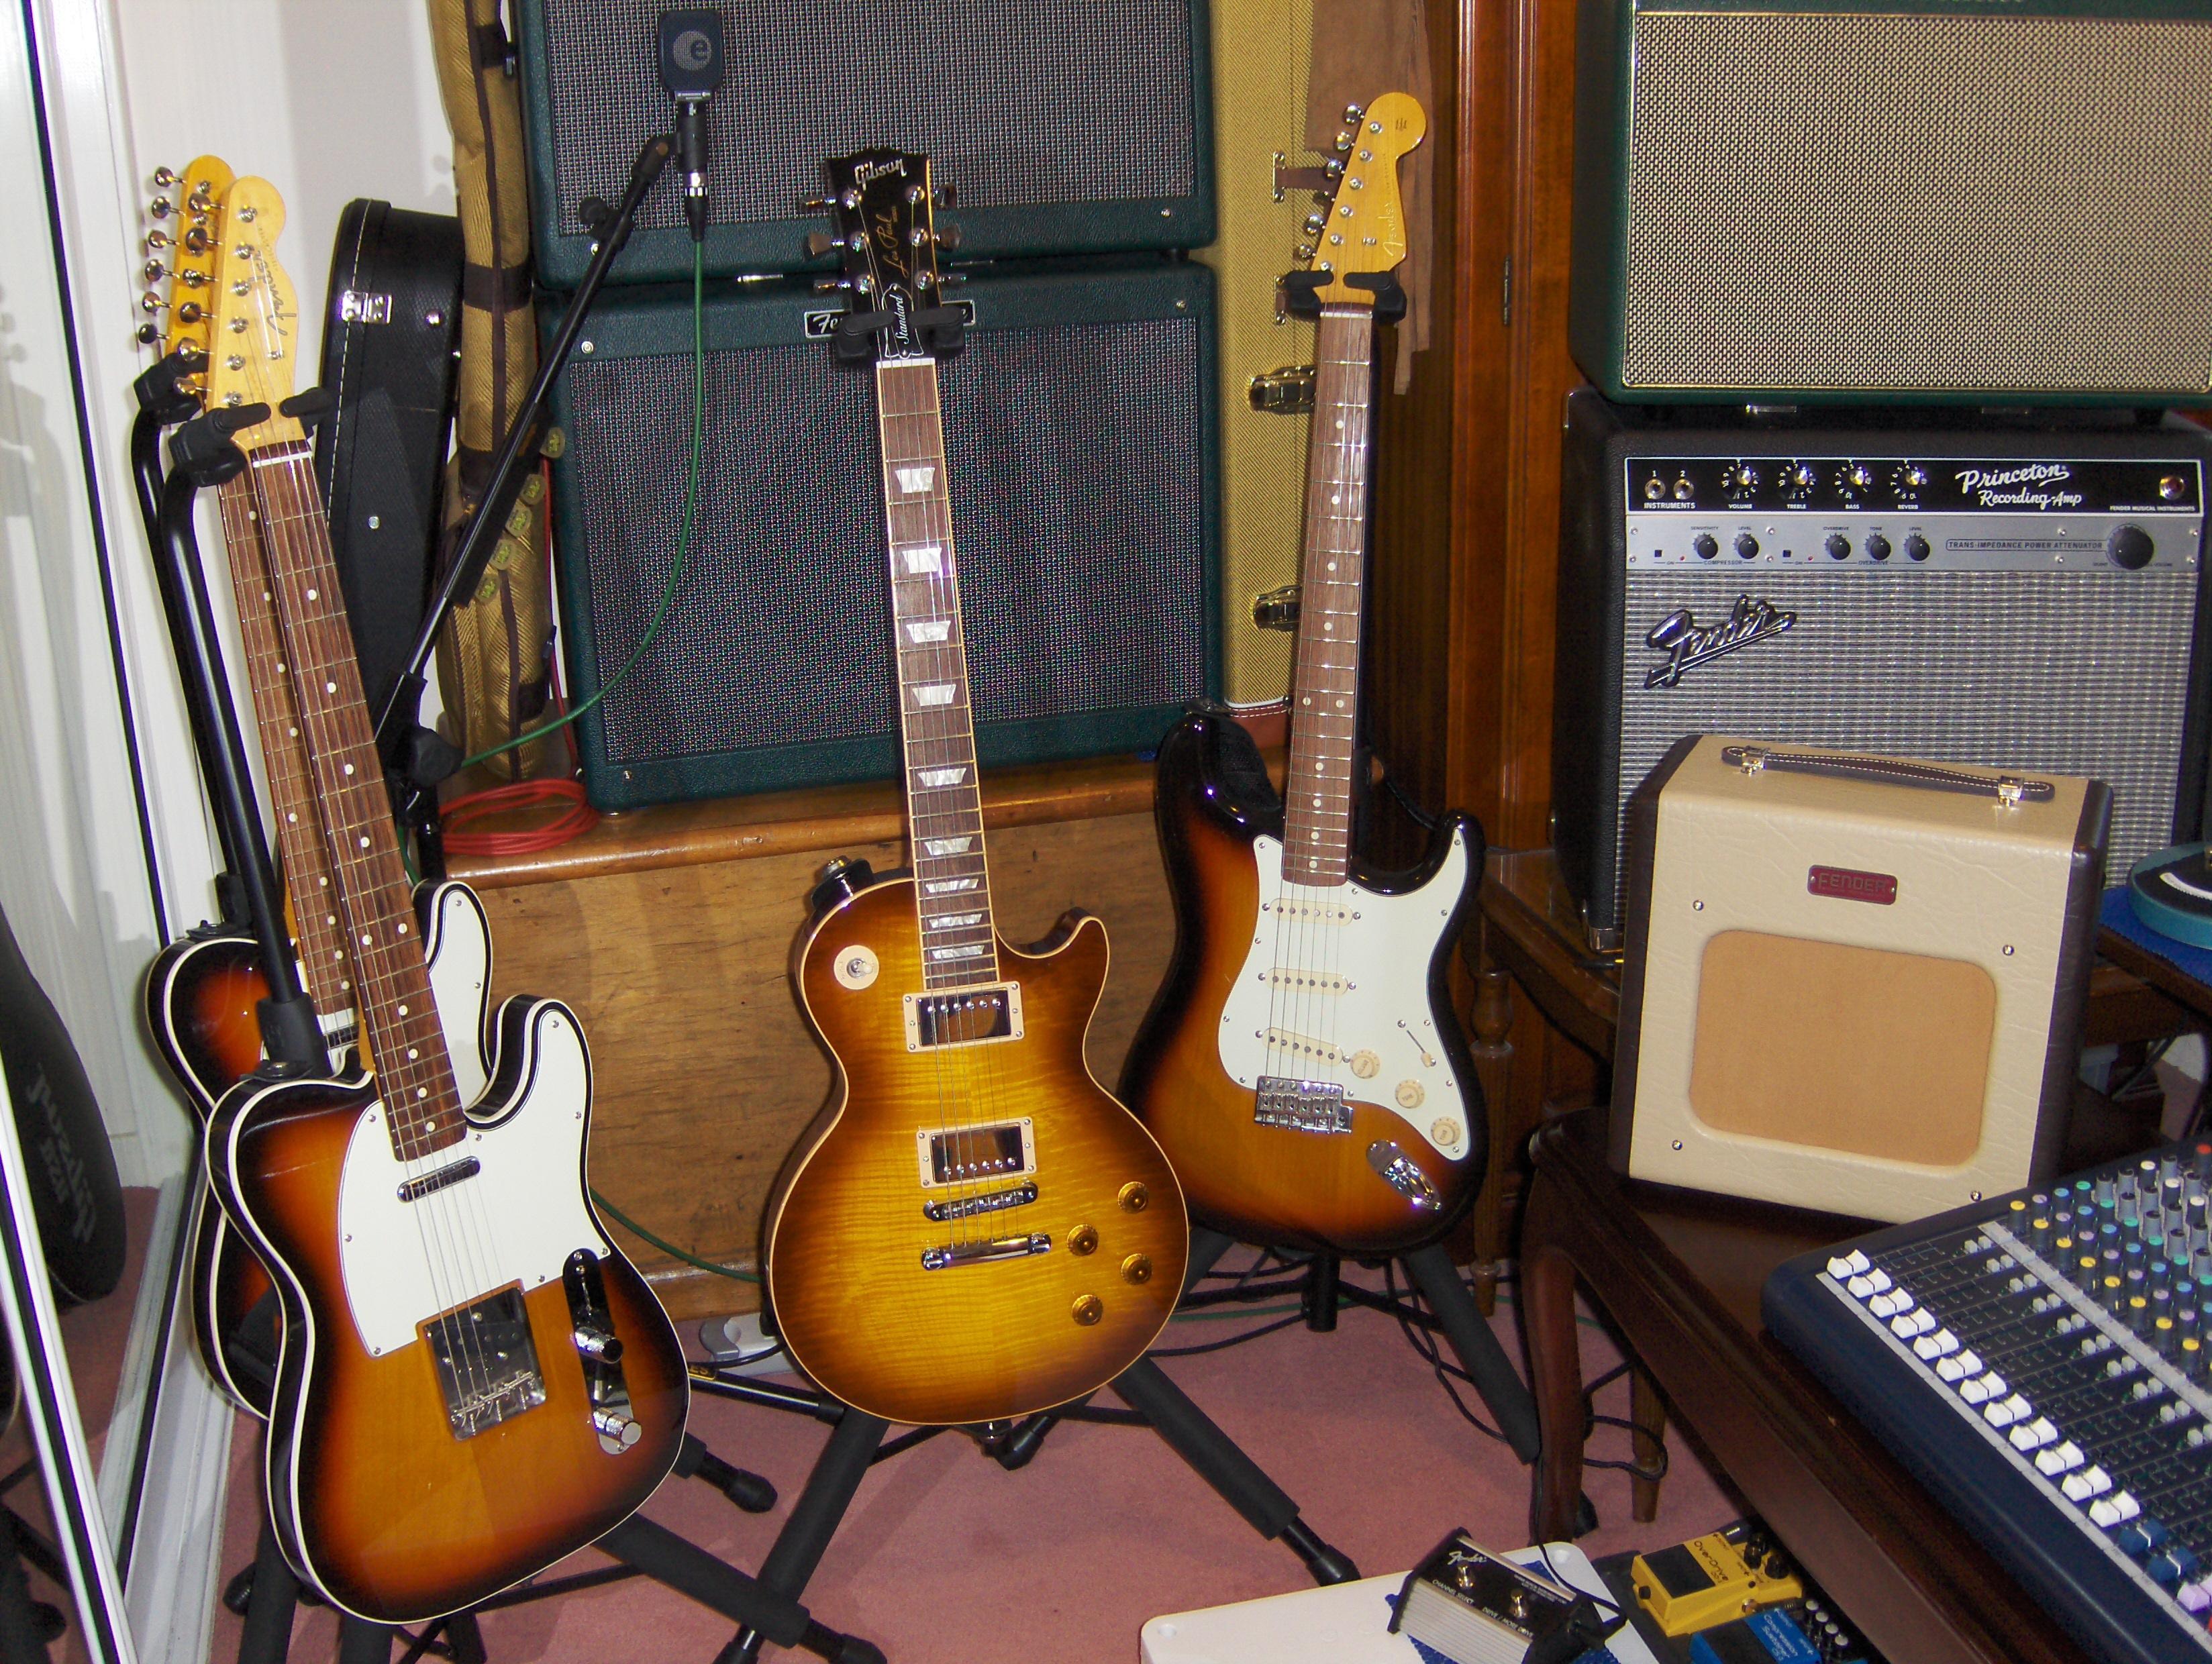 Fender Guitars, Gibson Guitars, Fender Guitar Amps, Marshall Guitar